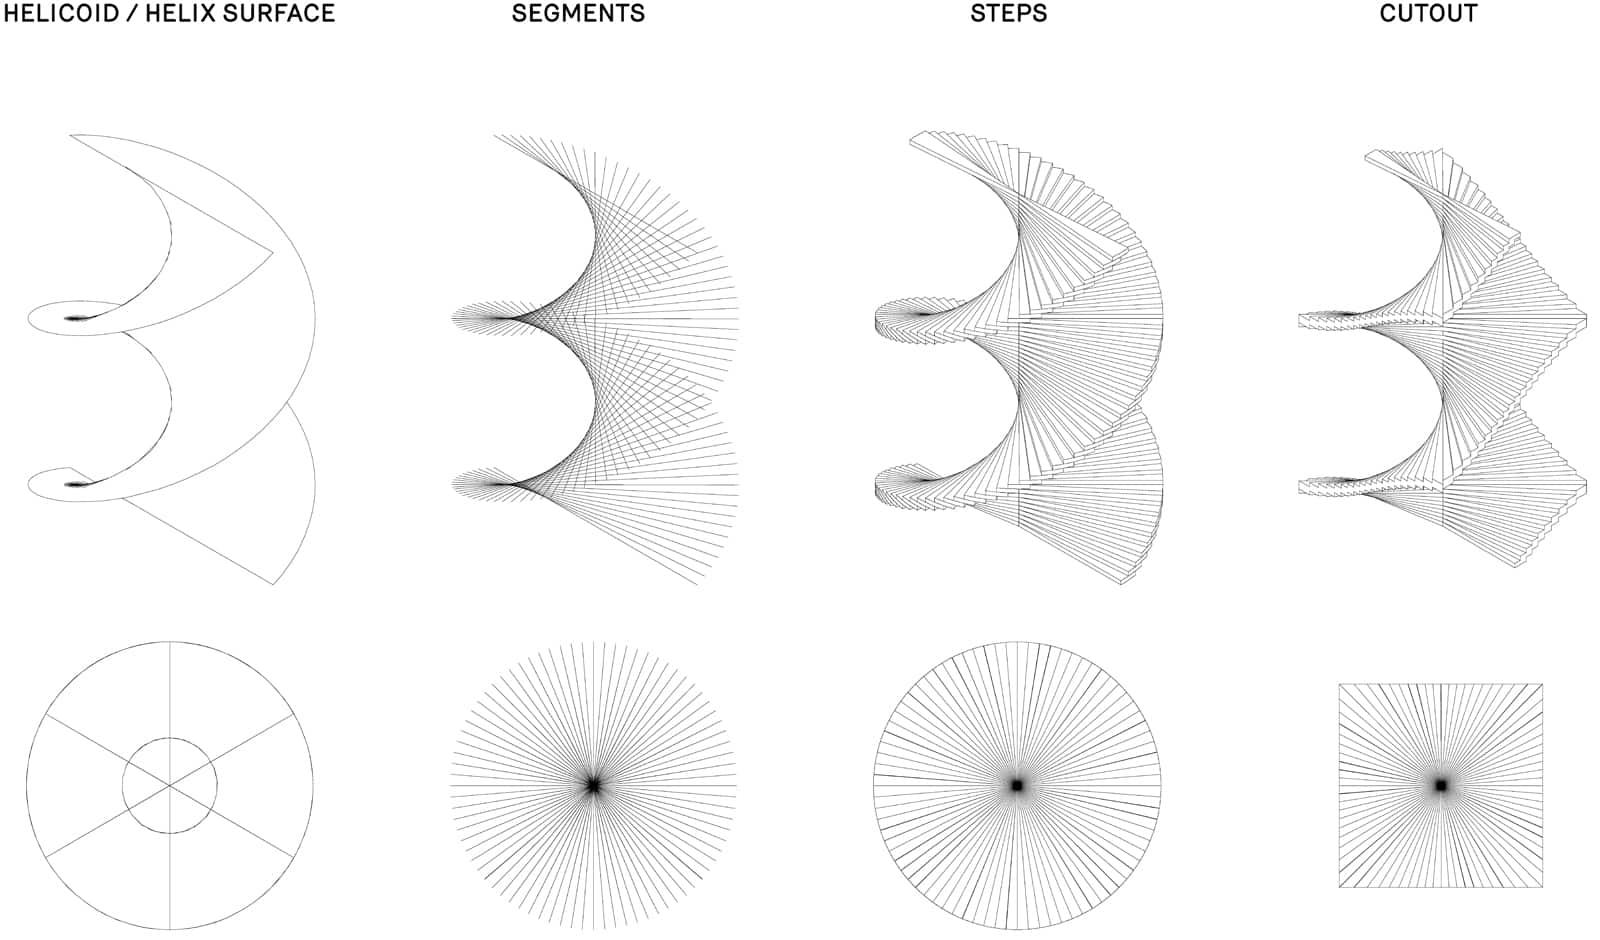 Fidelio, Scenic Spiral  - 20210806 BarkowLeibinger Fidelio 08.1 49